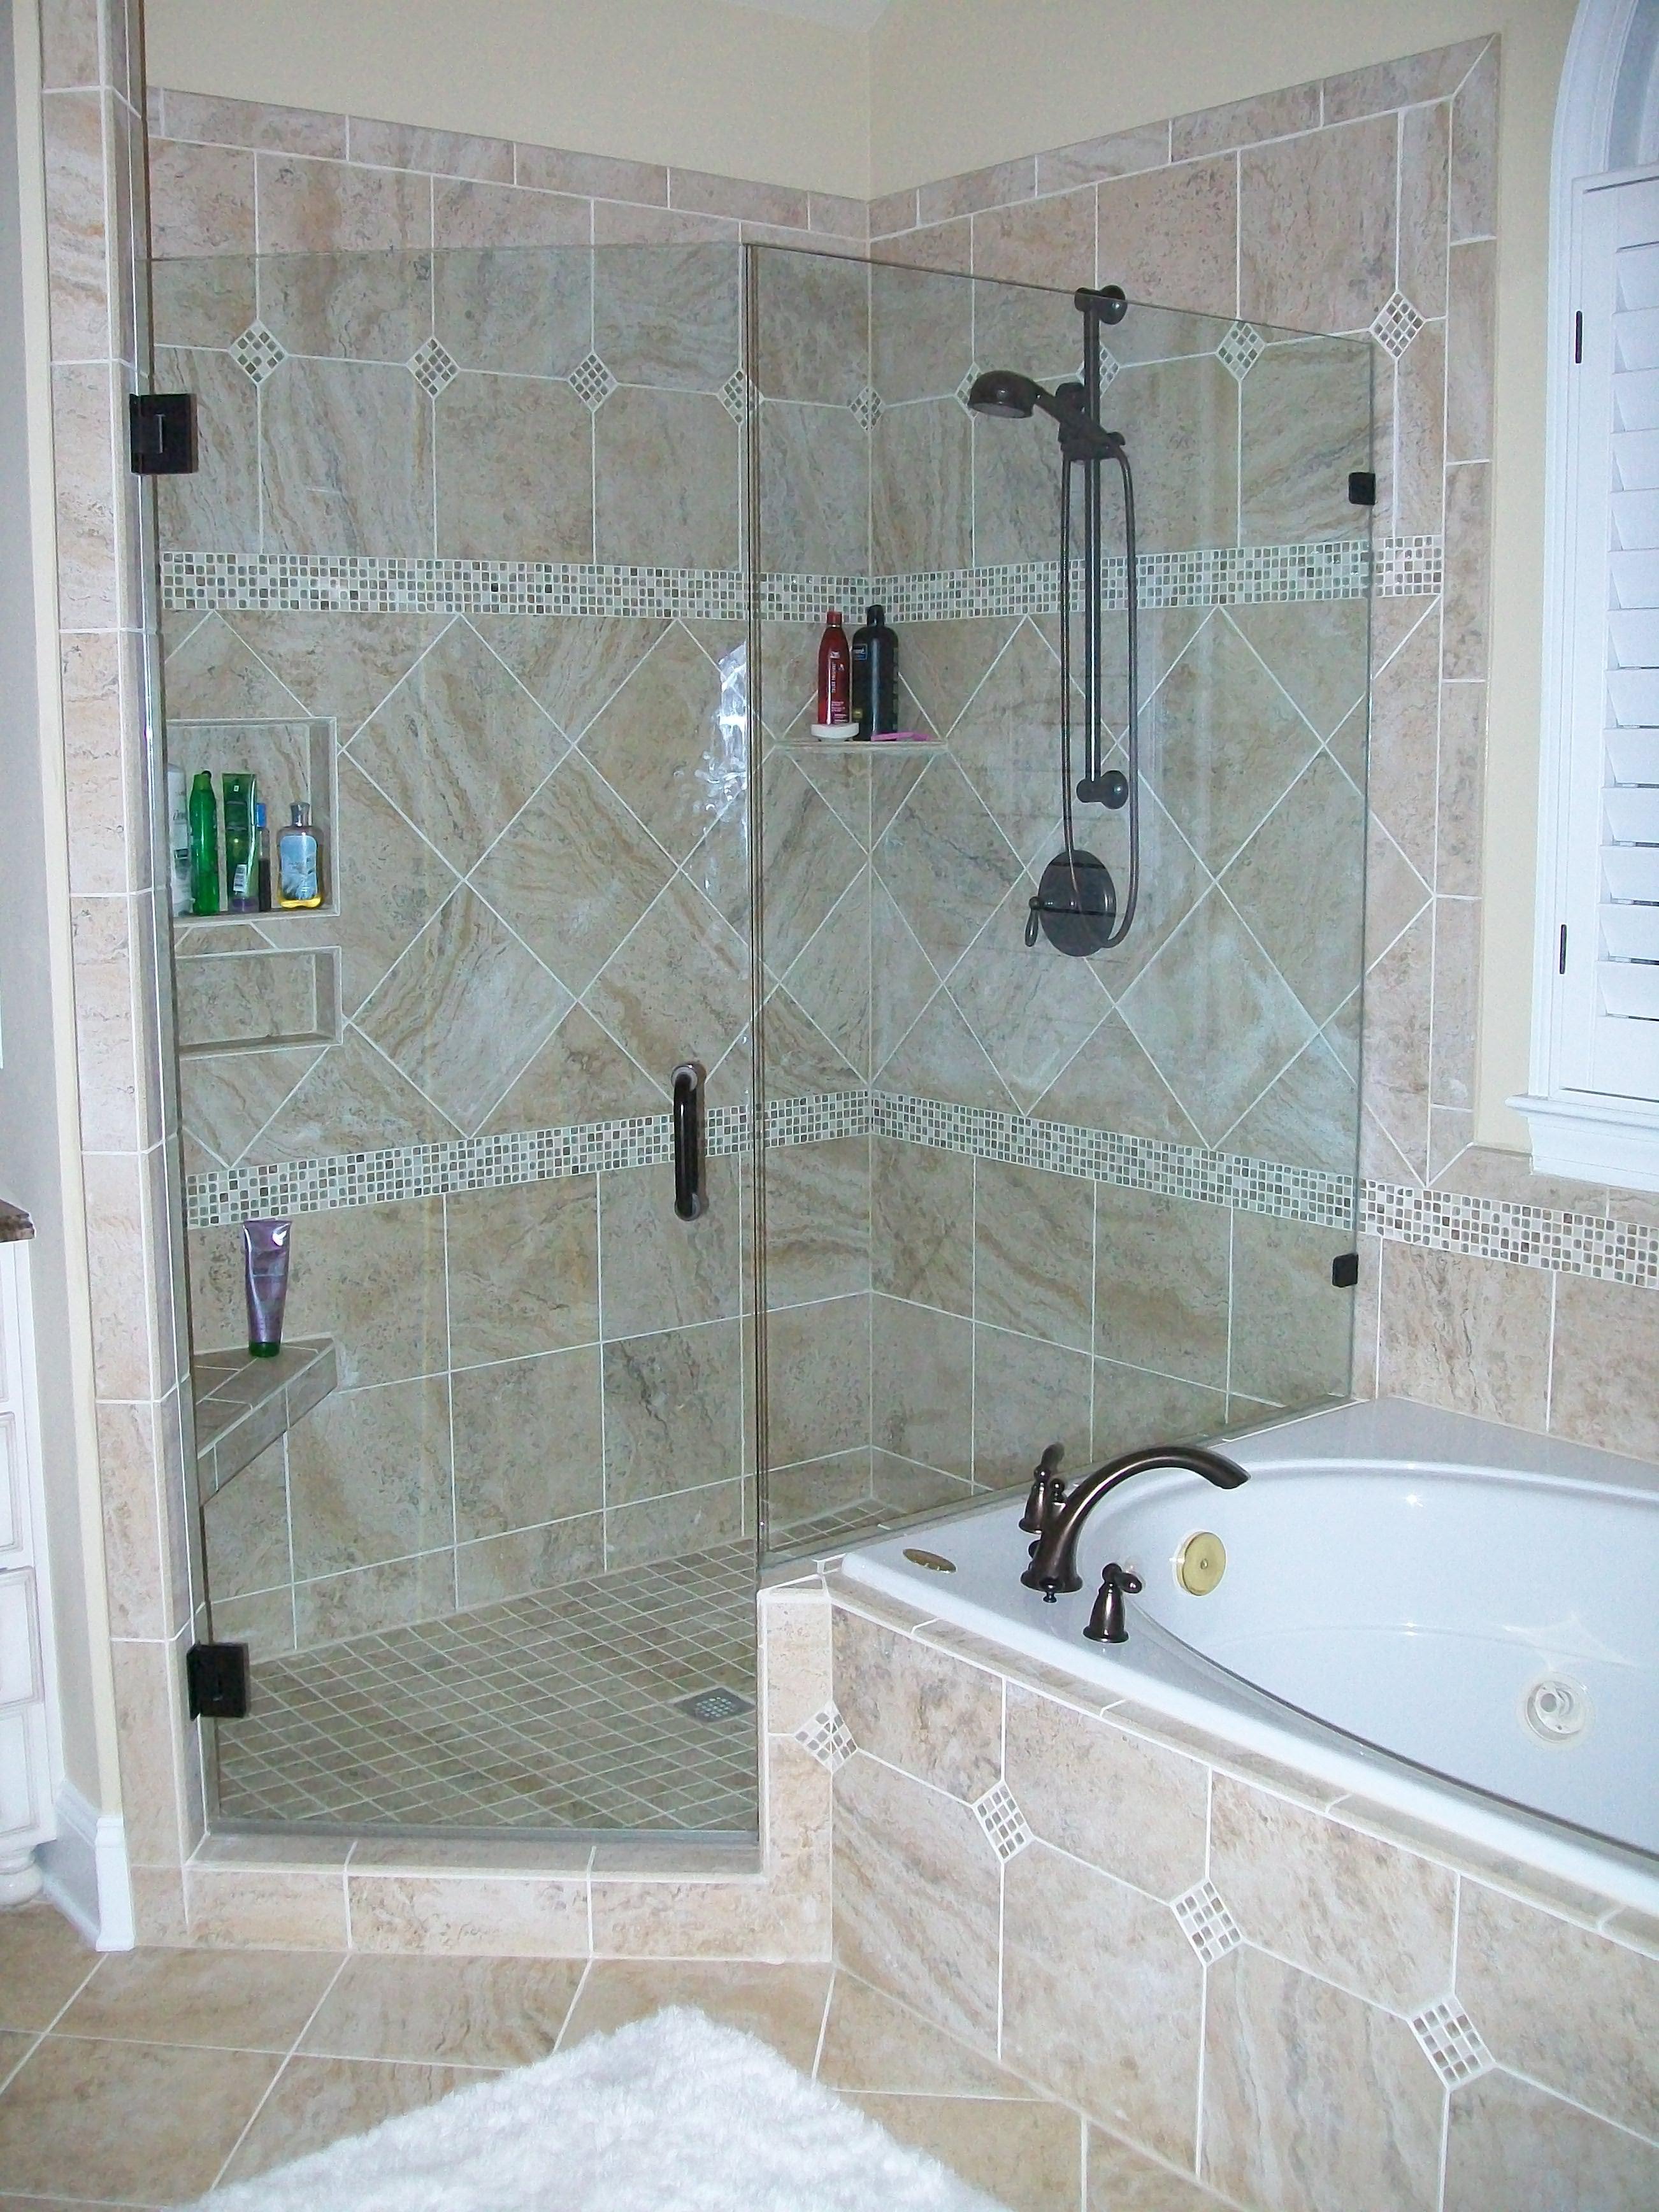 Huntersville Kitchen & Bathroom Remodeling - SFCC Remodeling